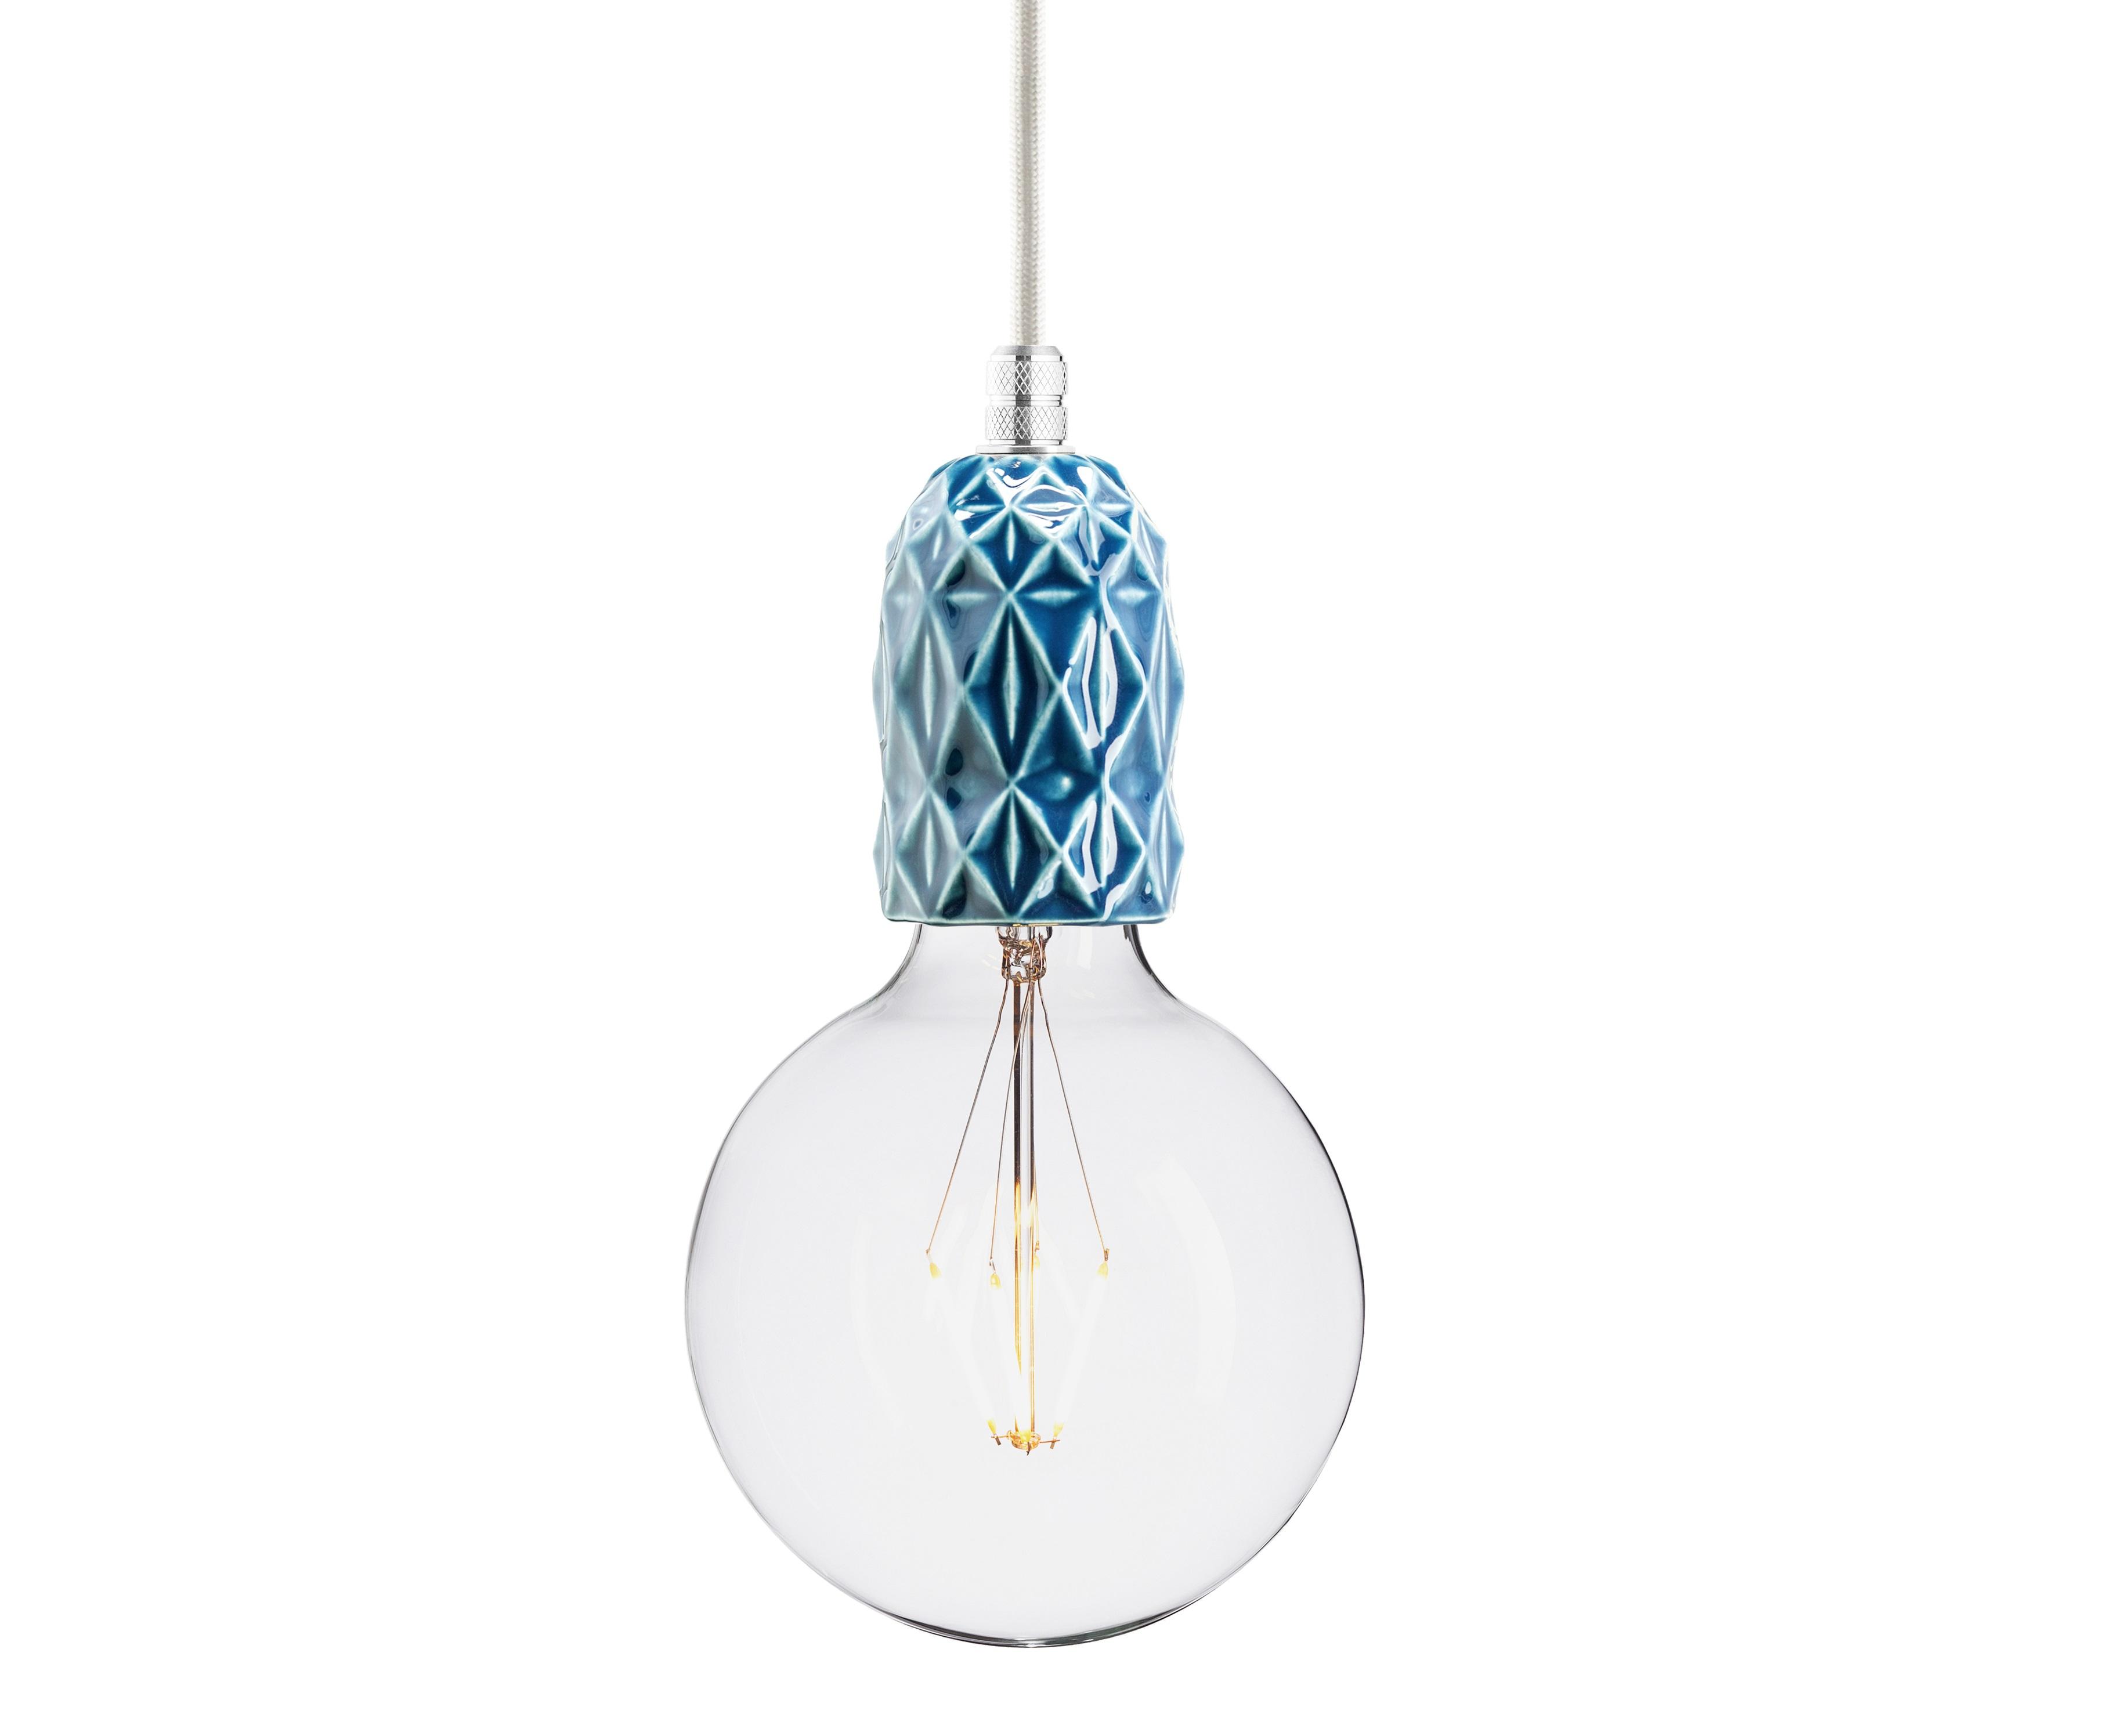 Подвесной светильник AIRПодвесные светильники<br>Подвесной светильник из керамики, доступный в 4-ех цветах: красном, индиго, голубом и лиловом. Два вида фурнитуры: латунь или алюминий.&amp;lt;div&amp;gt;&amp;lt;br&amp;gt;&amp;lt;/div&amp;gt;&amp;lt;div&amp;gt;&amp;lt;div&amp;gt;Вид цоколя: E27&amp;lt;/div&amp;gt;&amp;lt;div&amp;gt;Мощность: 60W&amp;lt;/div&amp;gt;&amp;lt;div&amp;gt;Количество ламп: 1&amp;lt;/div&amp;gt;&amp;lt;/div&amp;gt;&amp;lt;div&amp;gt;&amp;lt;br&amp;gt;&amp;lt;/div&amp;gt;<br><br>Material: Керамика<br>Width см: None<br>Depth см: None<br>Height см: 10.5<br>Diameter см: 5.9